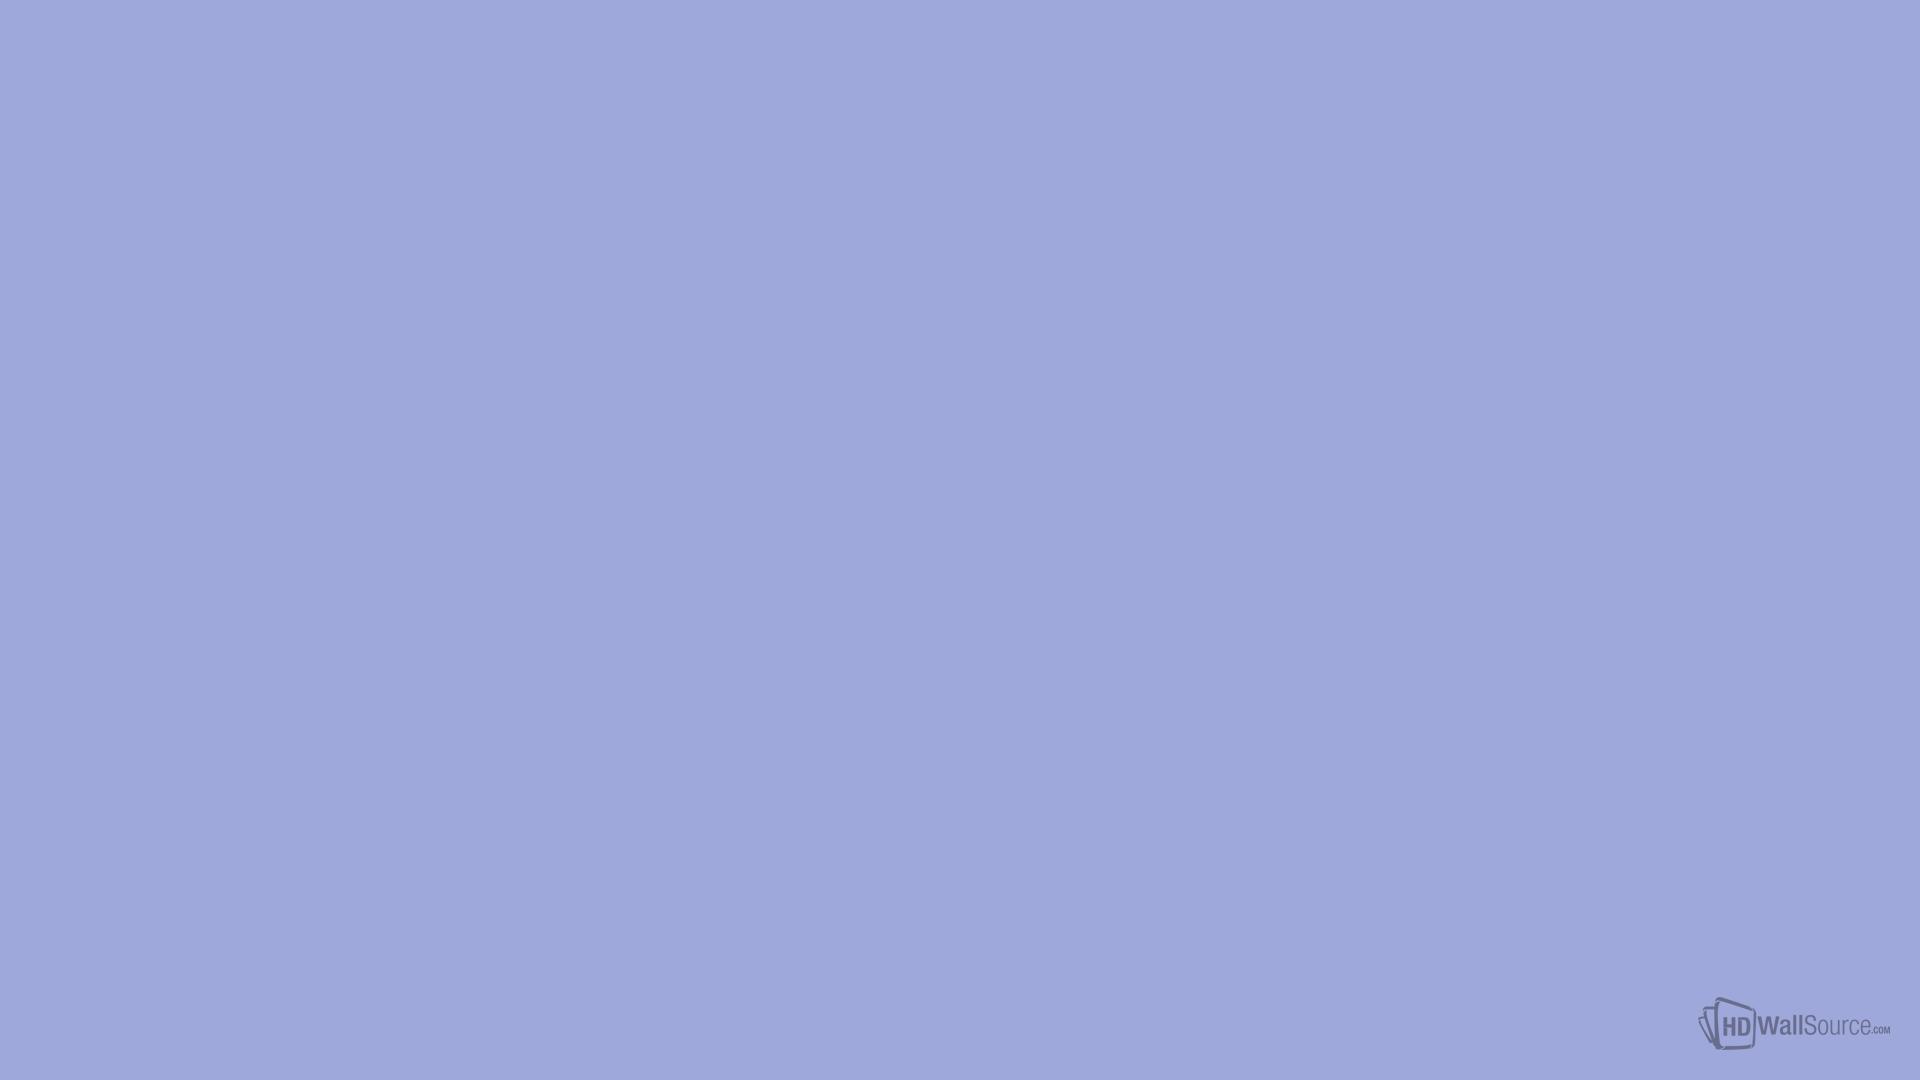 9fa8da wallpaper 70607